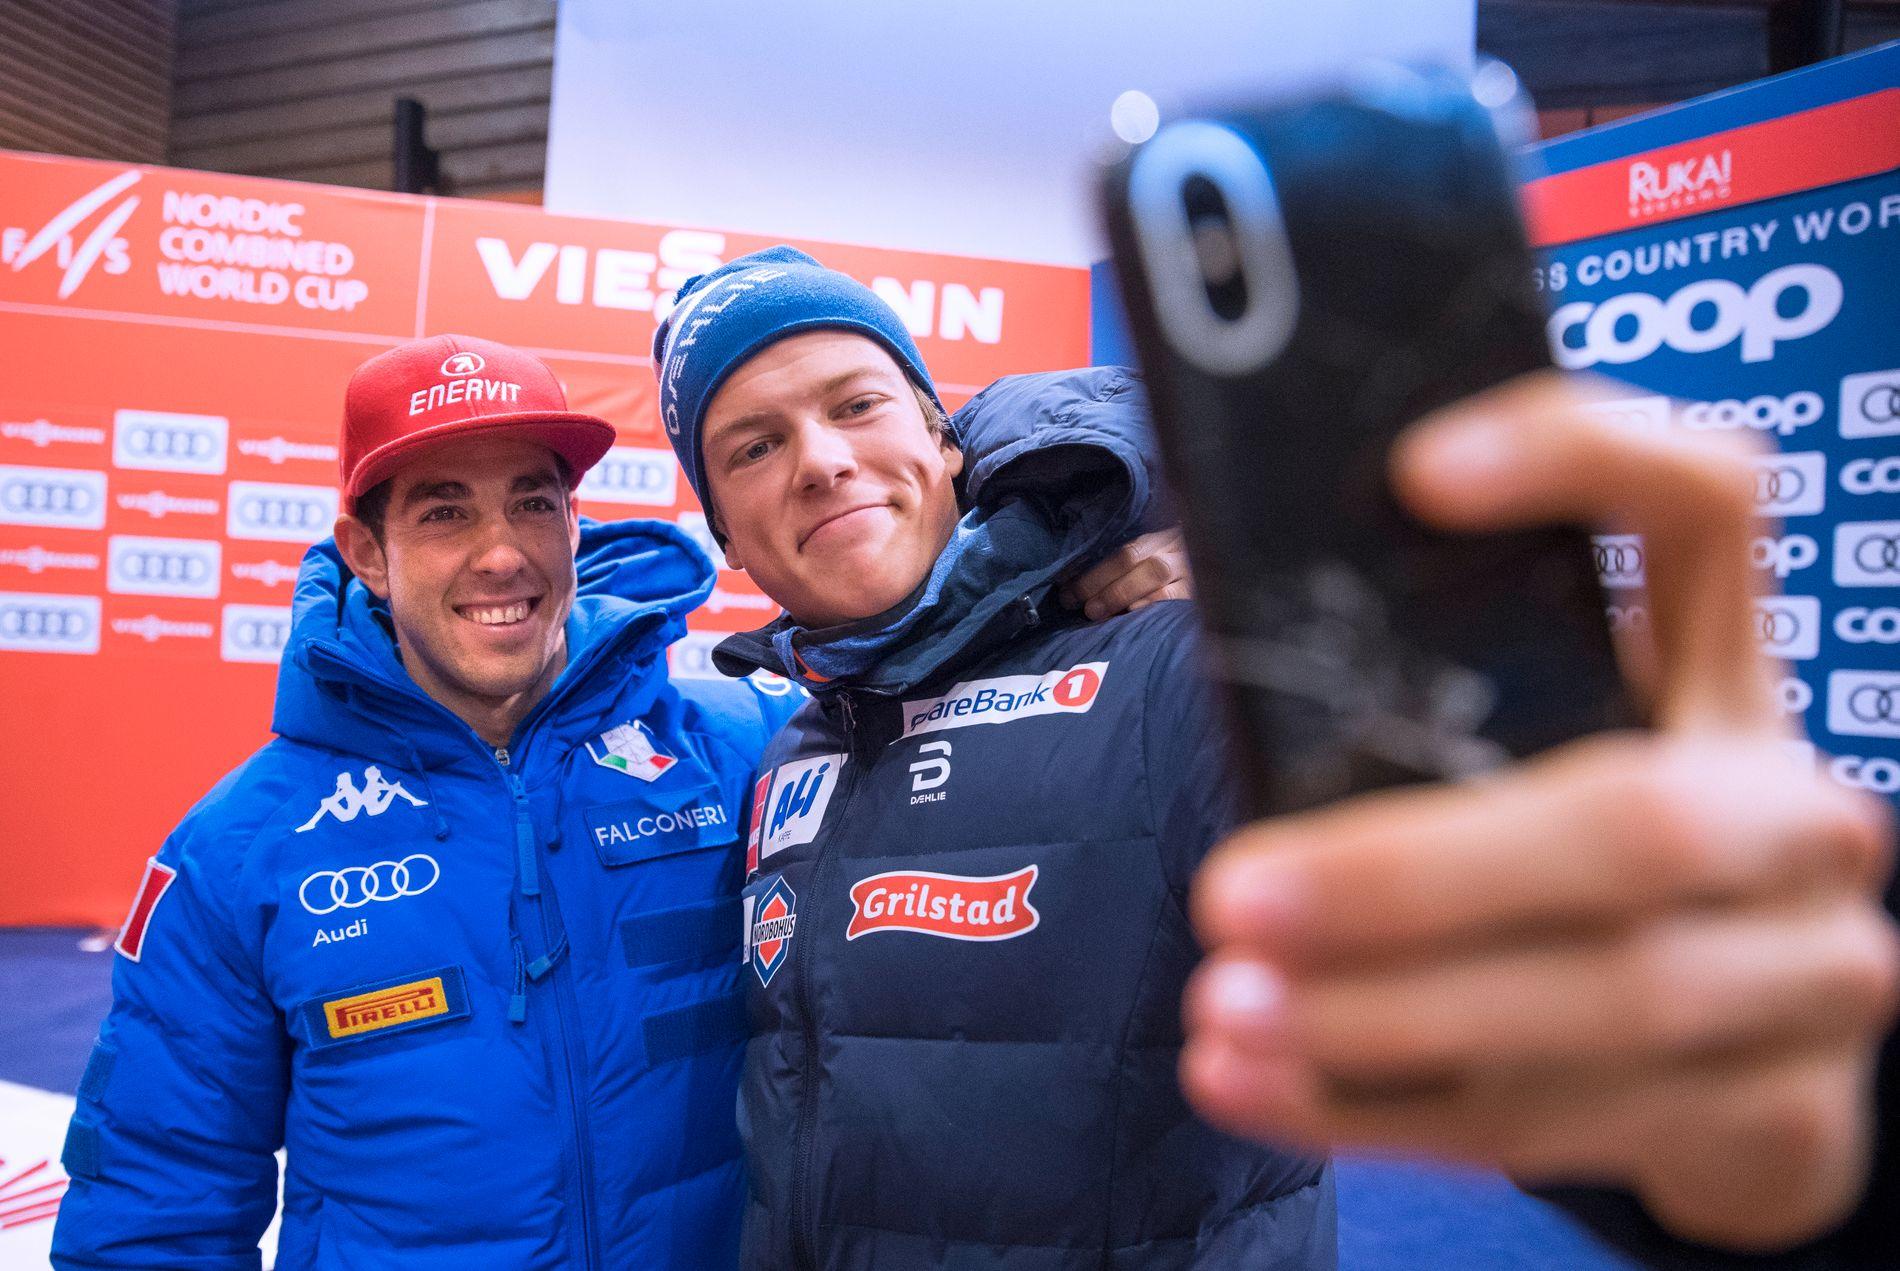 Sprintrivalene Johannes Høsflot Klæbo og Federico Pellegrino skal trene sammen frem mot vinteren.